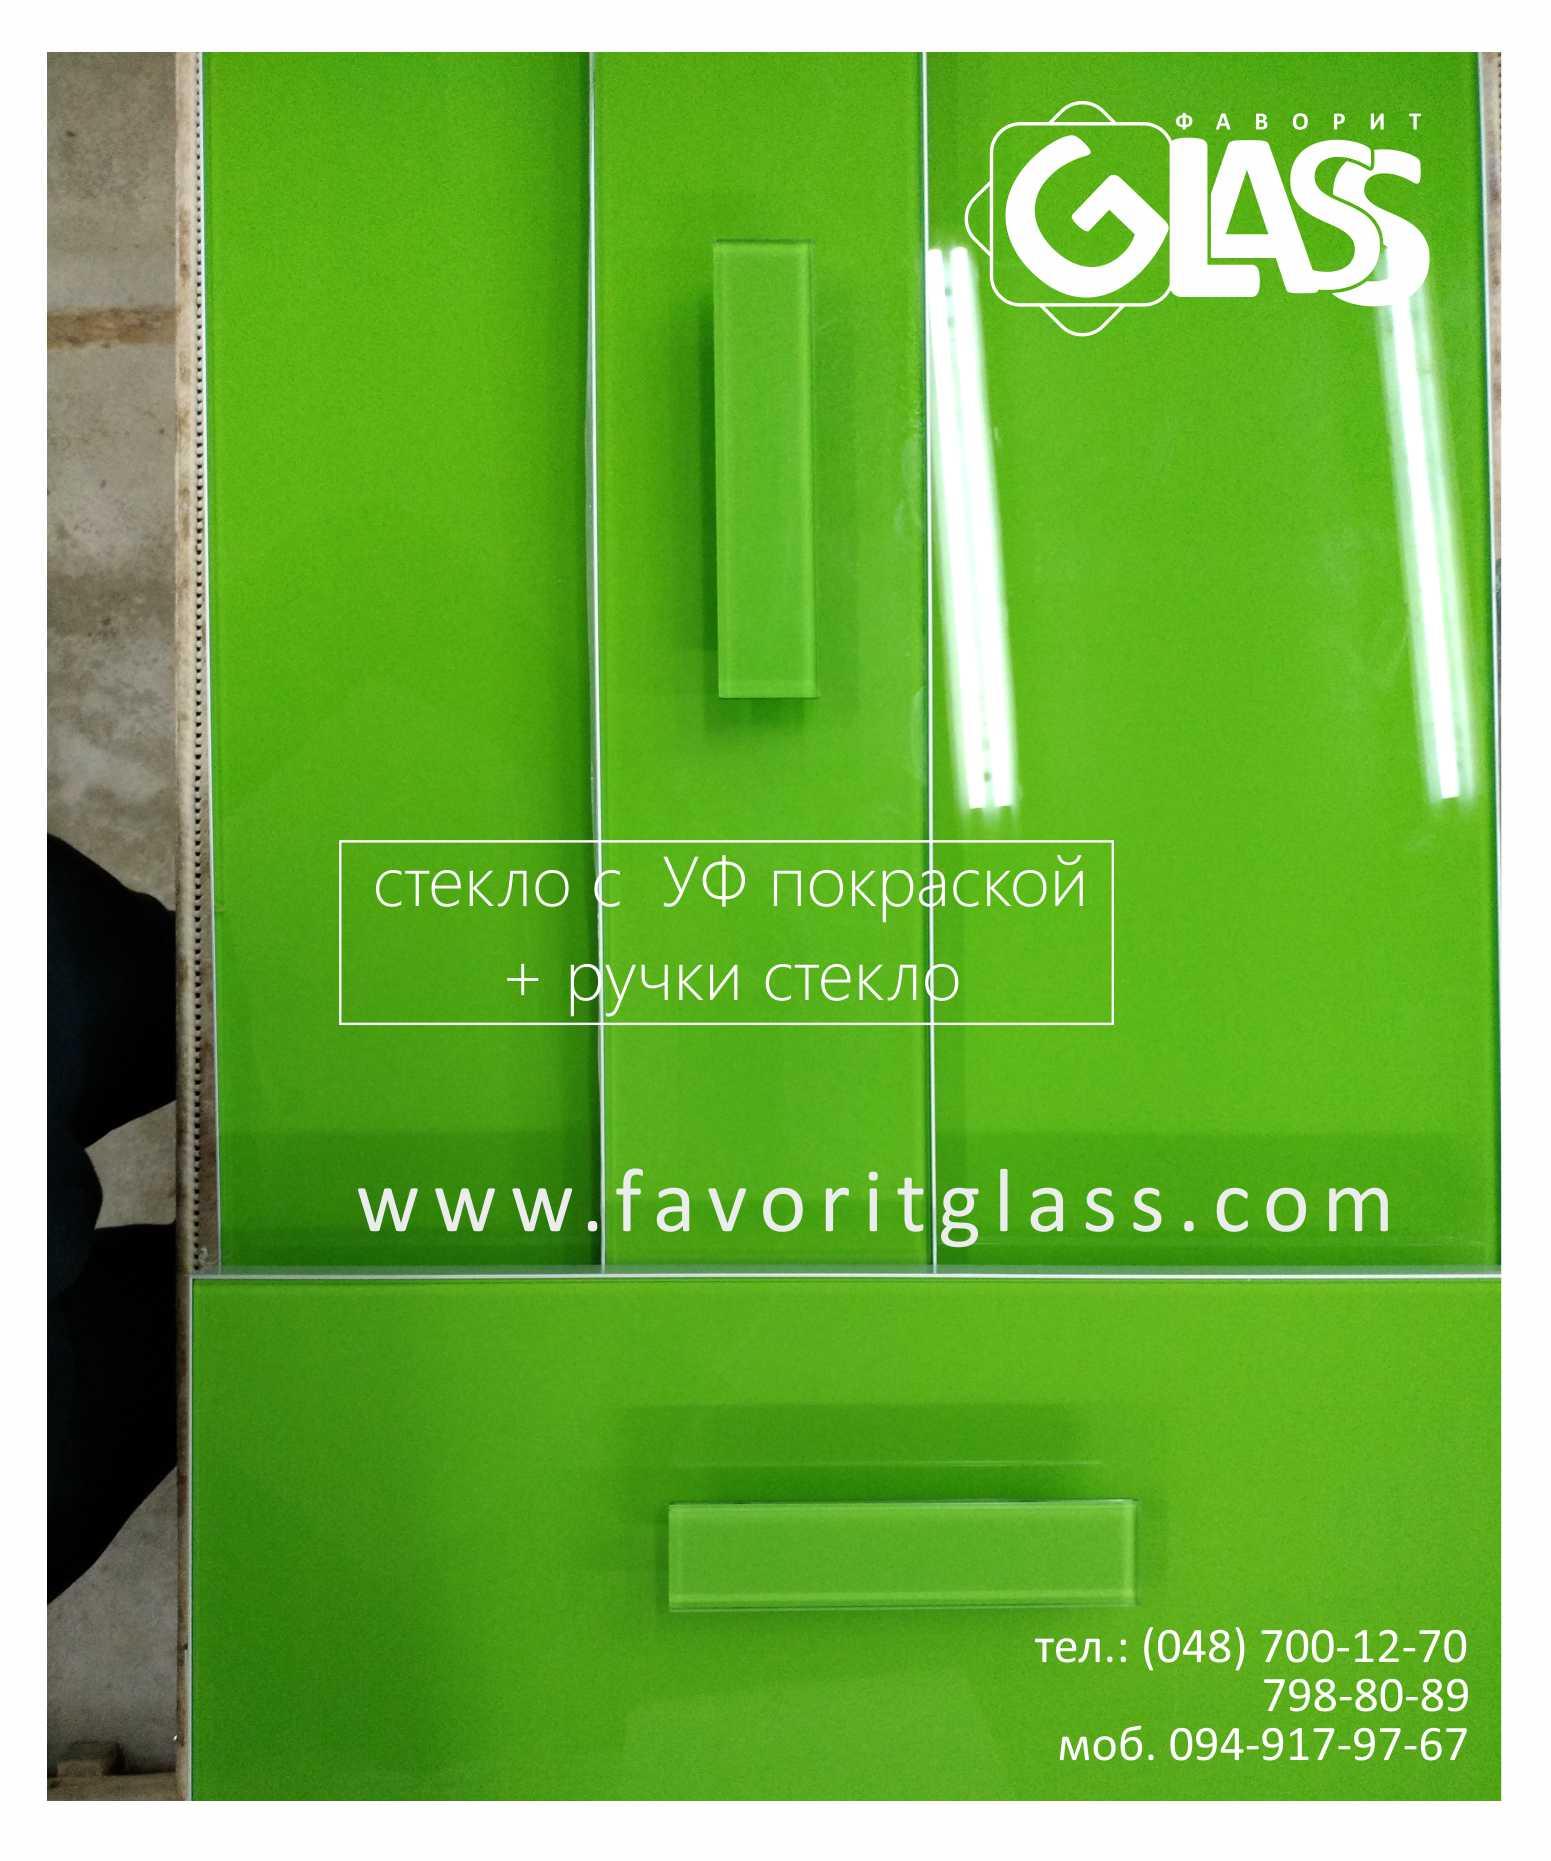 УФ покраска стекла + ручка из стекла 2.j